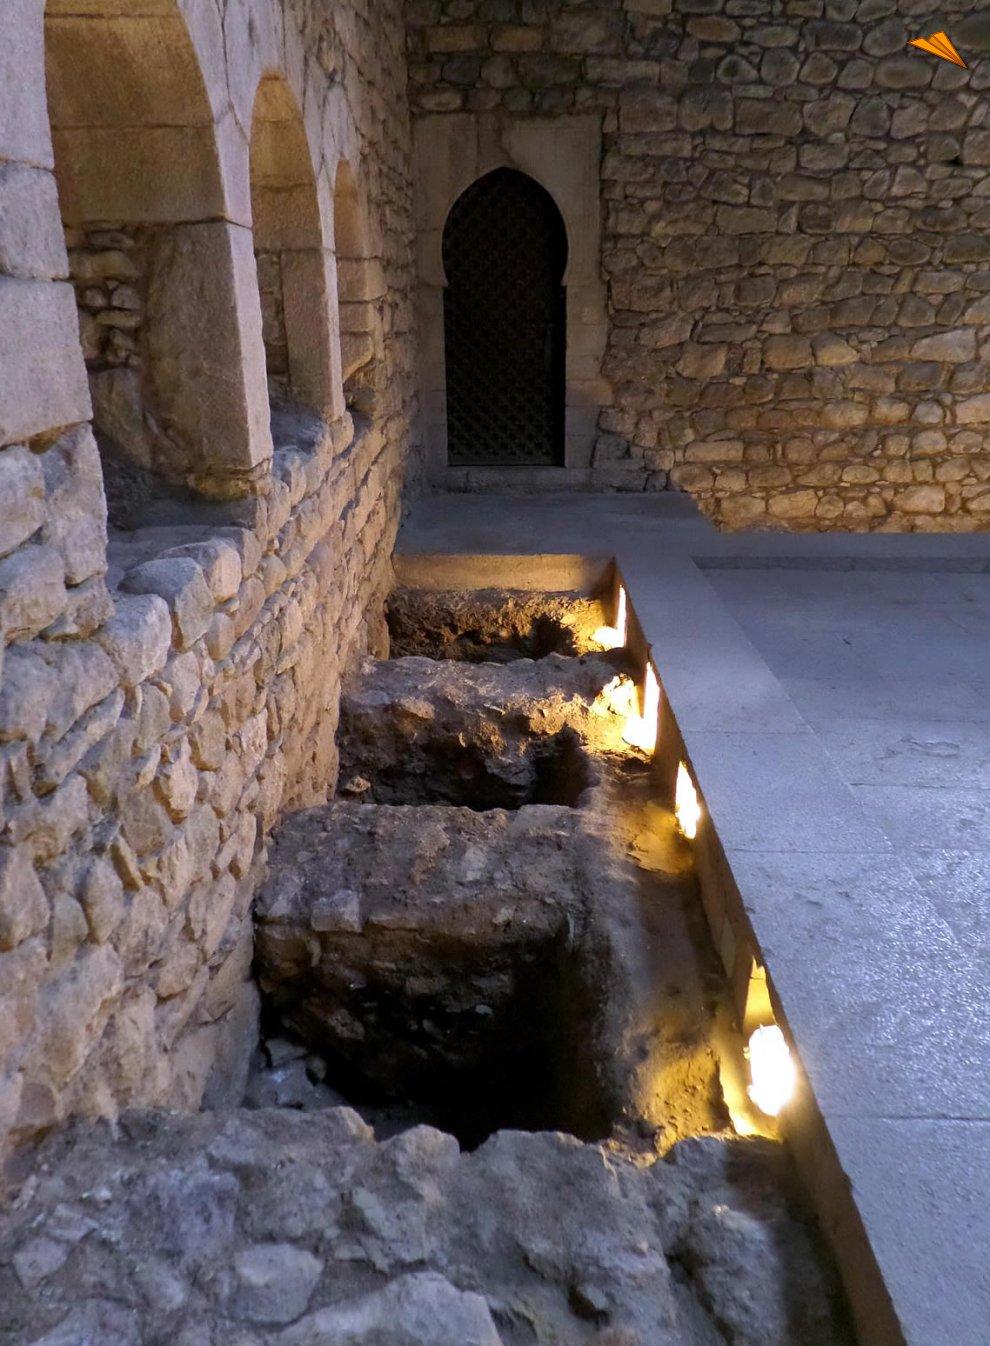 Baños Romanos Girona:Baños Árabes de Gerona Fotos de viajes Turismo Gerona